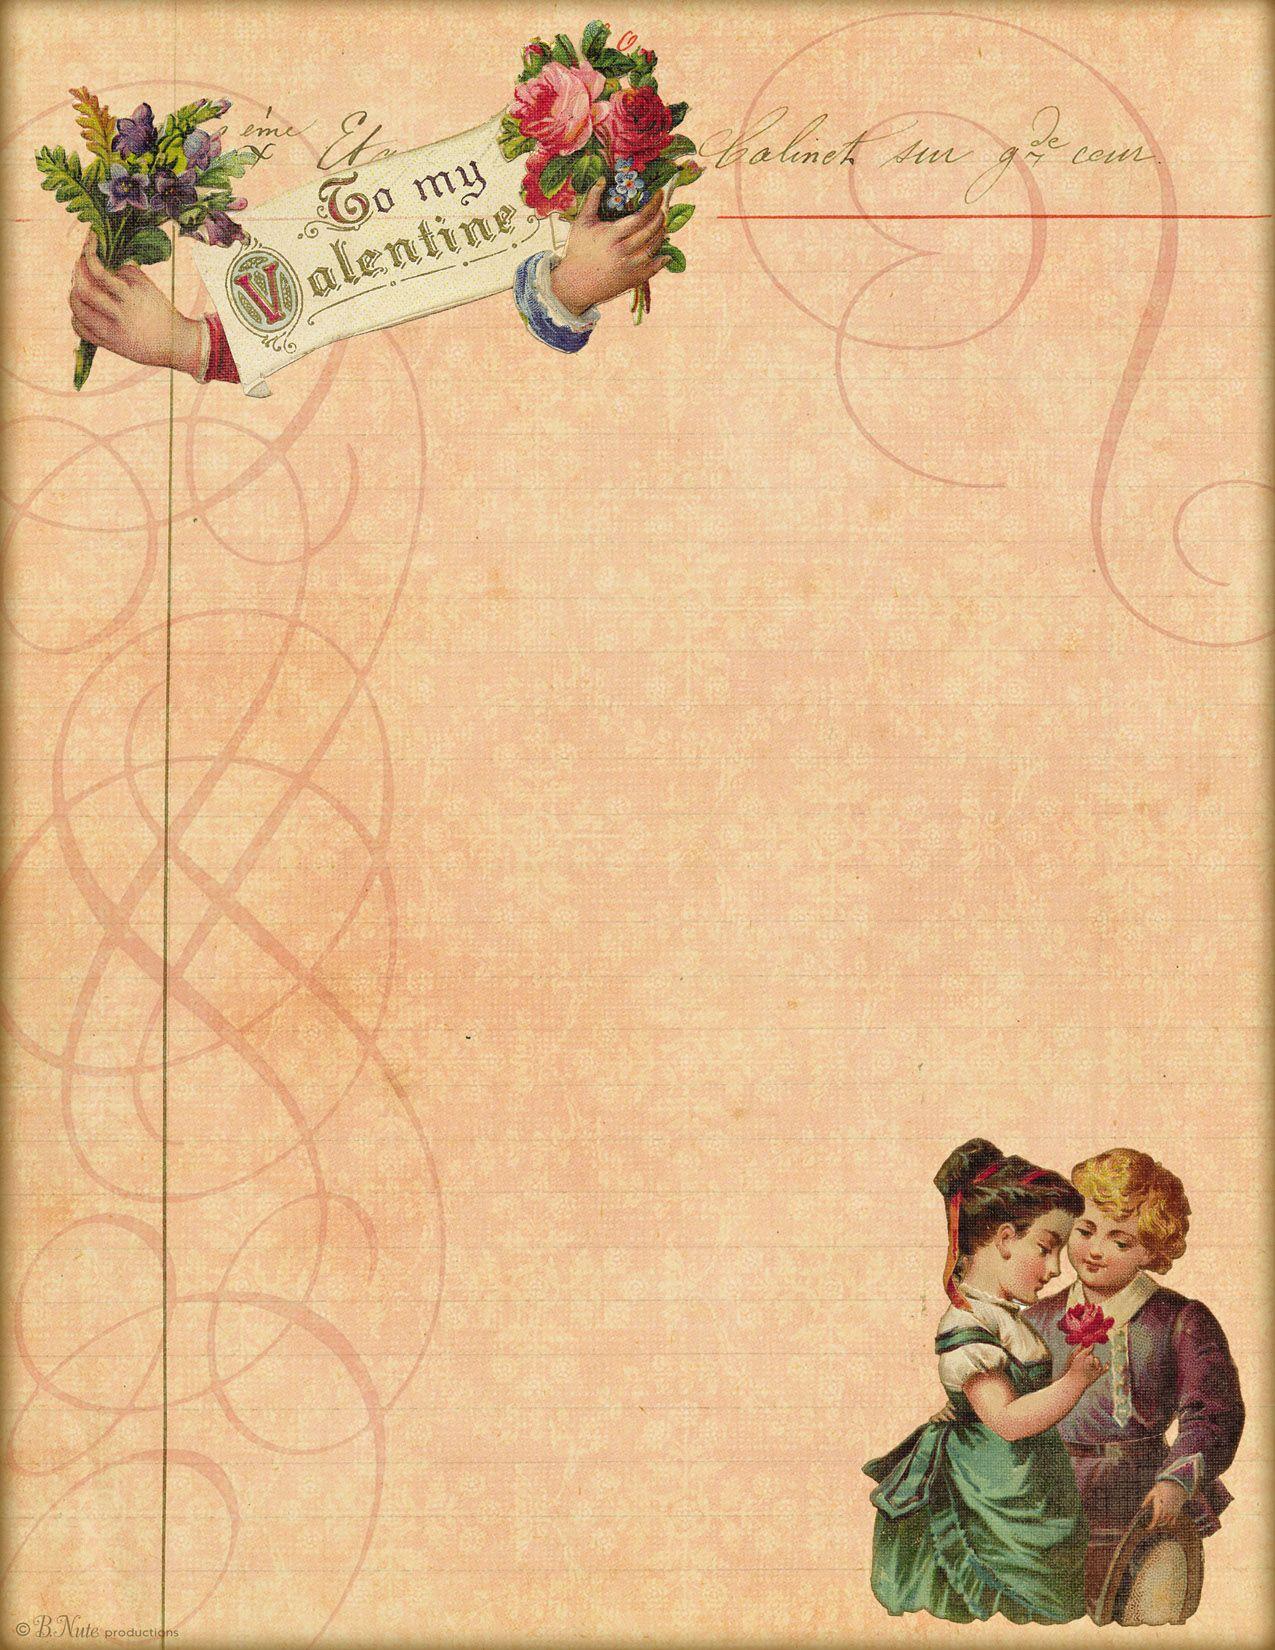 Ldr Love Letter Paper Letter Paper Lettering Vintage Paper